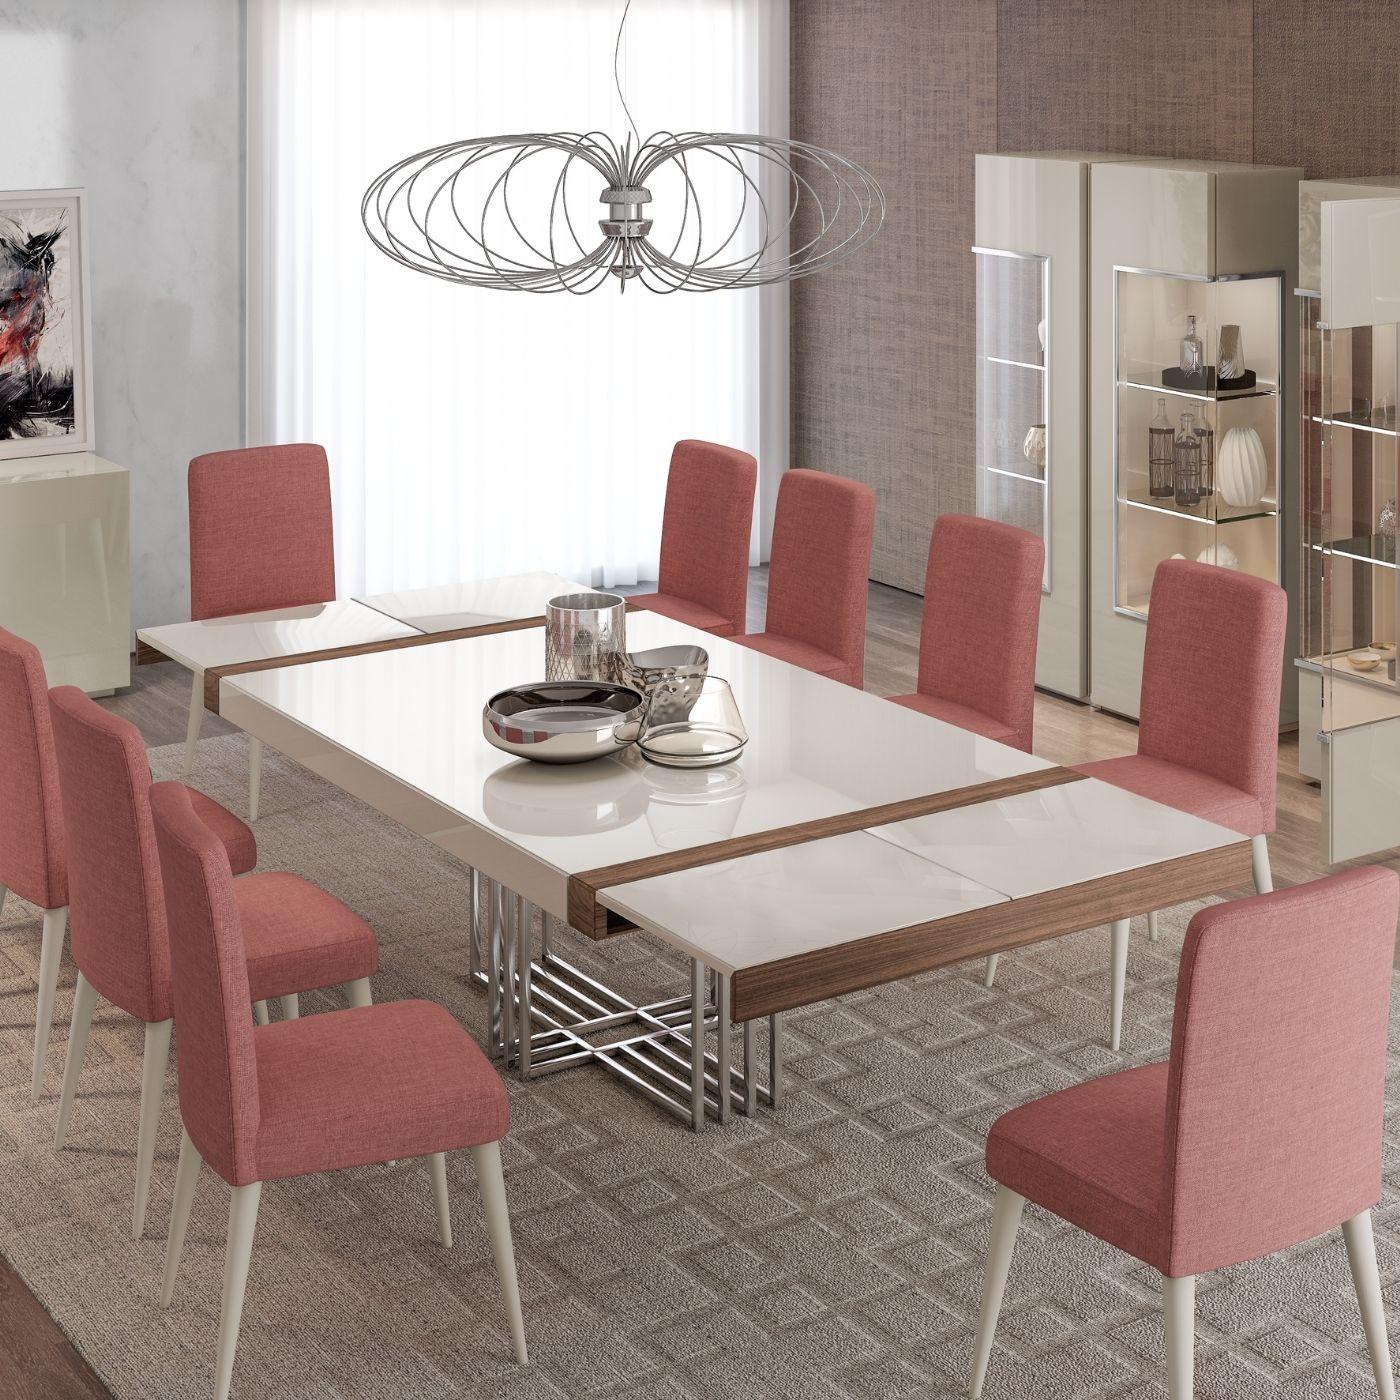 Mesa de jantar Holf